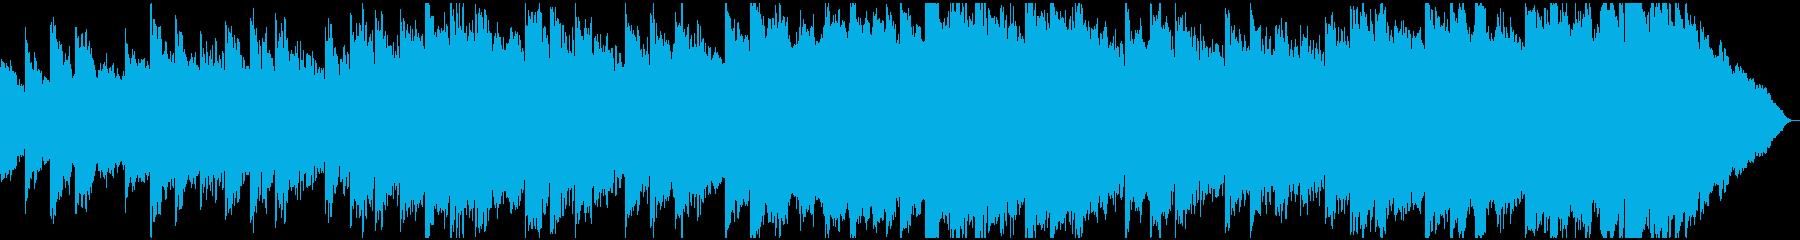 企業VP,コーポレート,静かの再生済みの波形